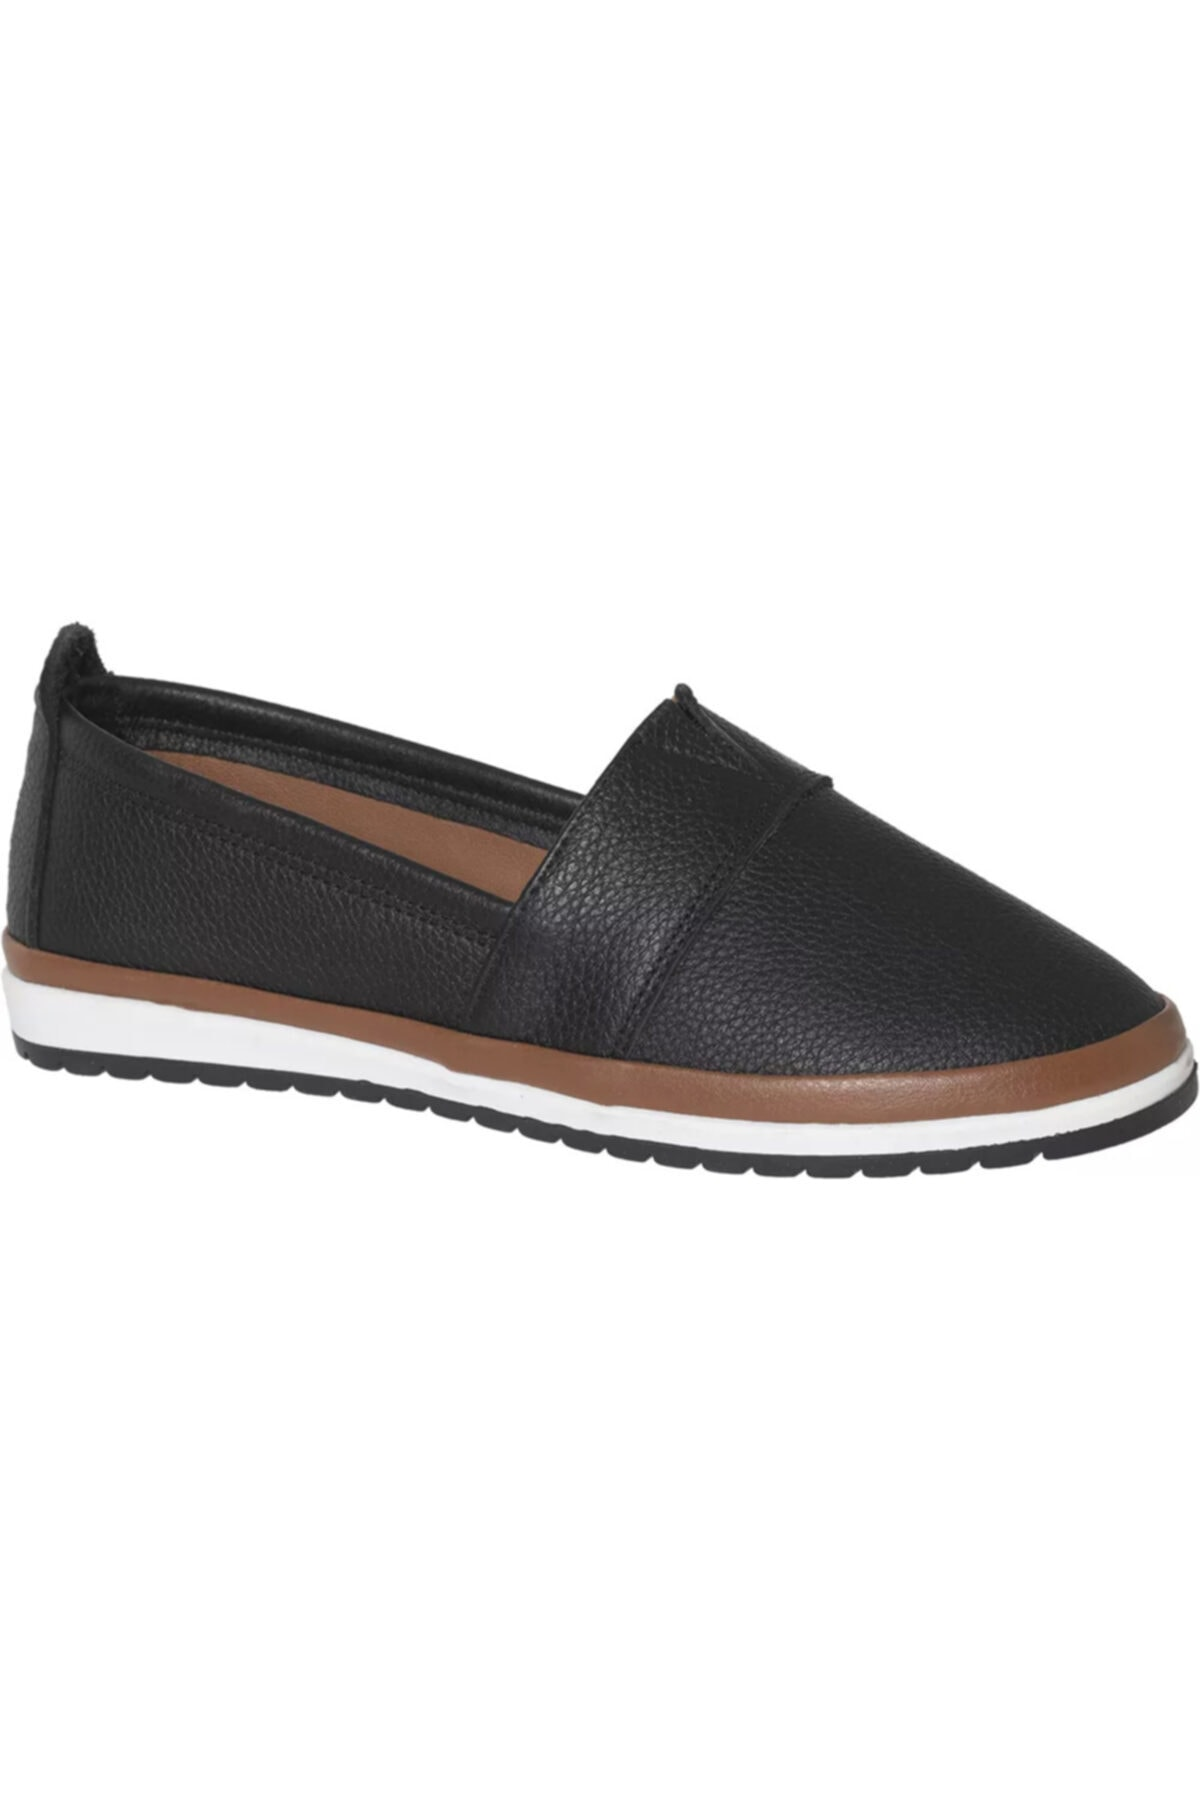 5th Avenue Deichmann Kadın Siyah Günlük Ayakkabı